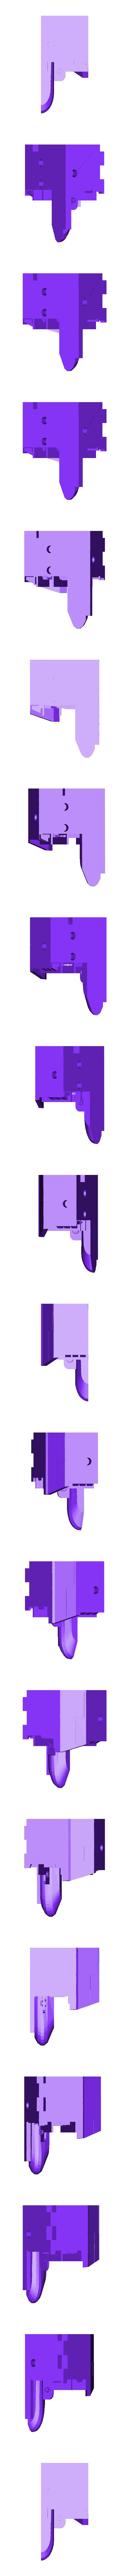 Rear_MidAC.stl Télécharger fichier STL gratuit Frégate Nebulon B (coupée et sectionnée) • Modèle pour impression 3D, Masterkookus